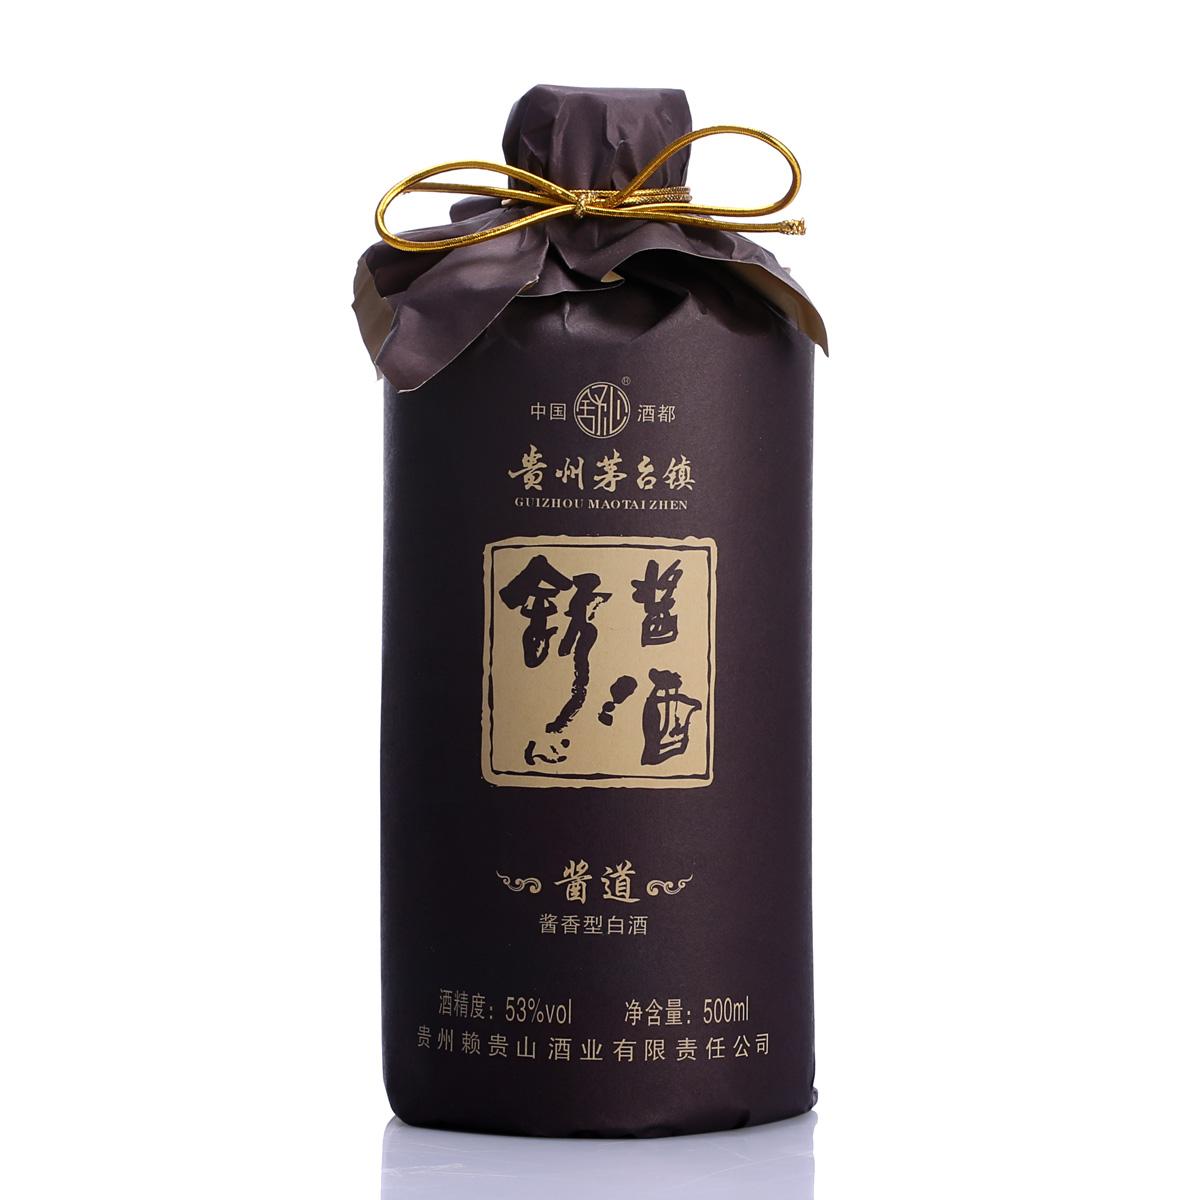 53度貴州醬香白酒舒心醬酒醬道500ml高度國產純糧原漿糧食酒